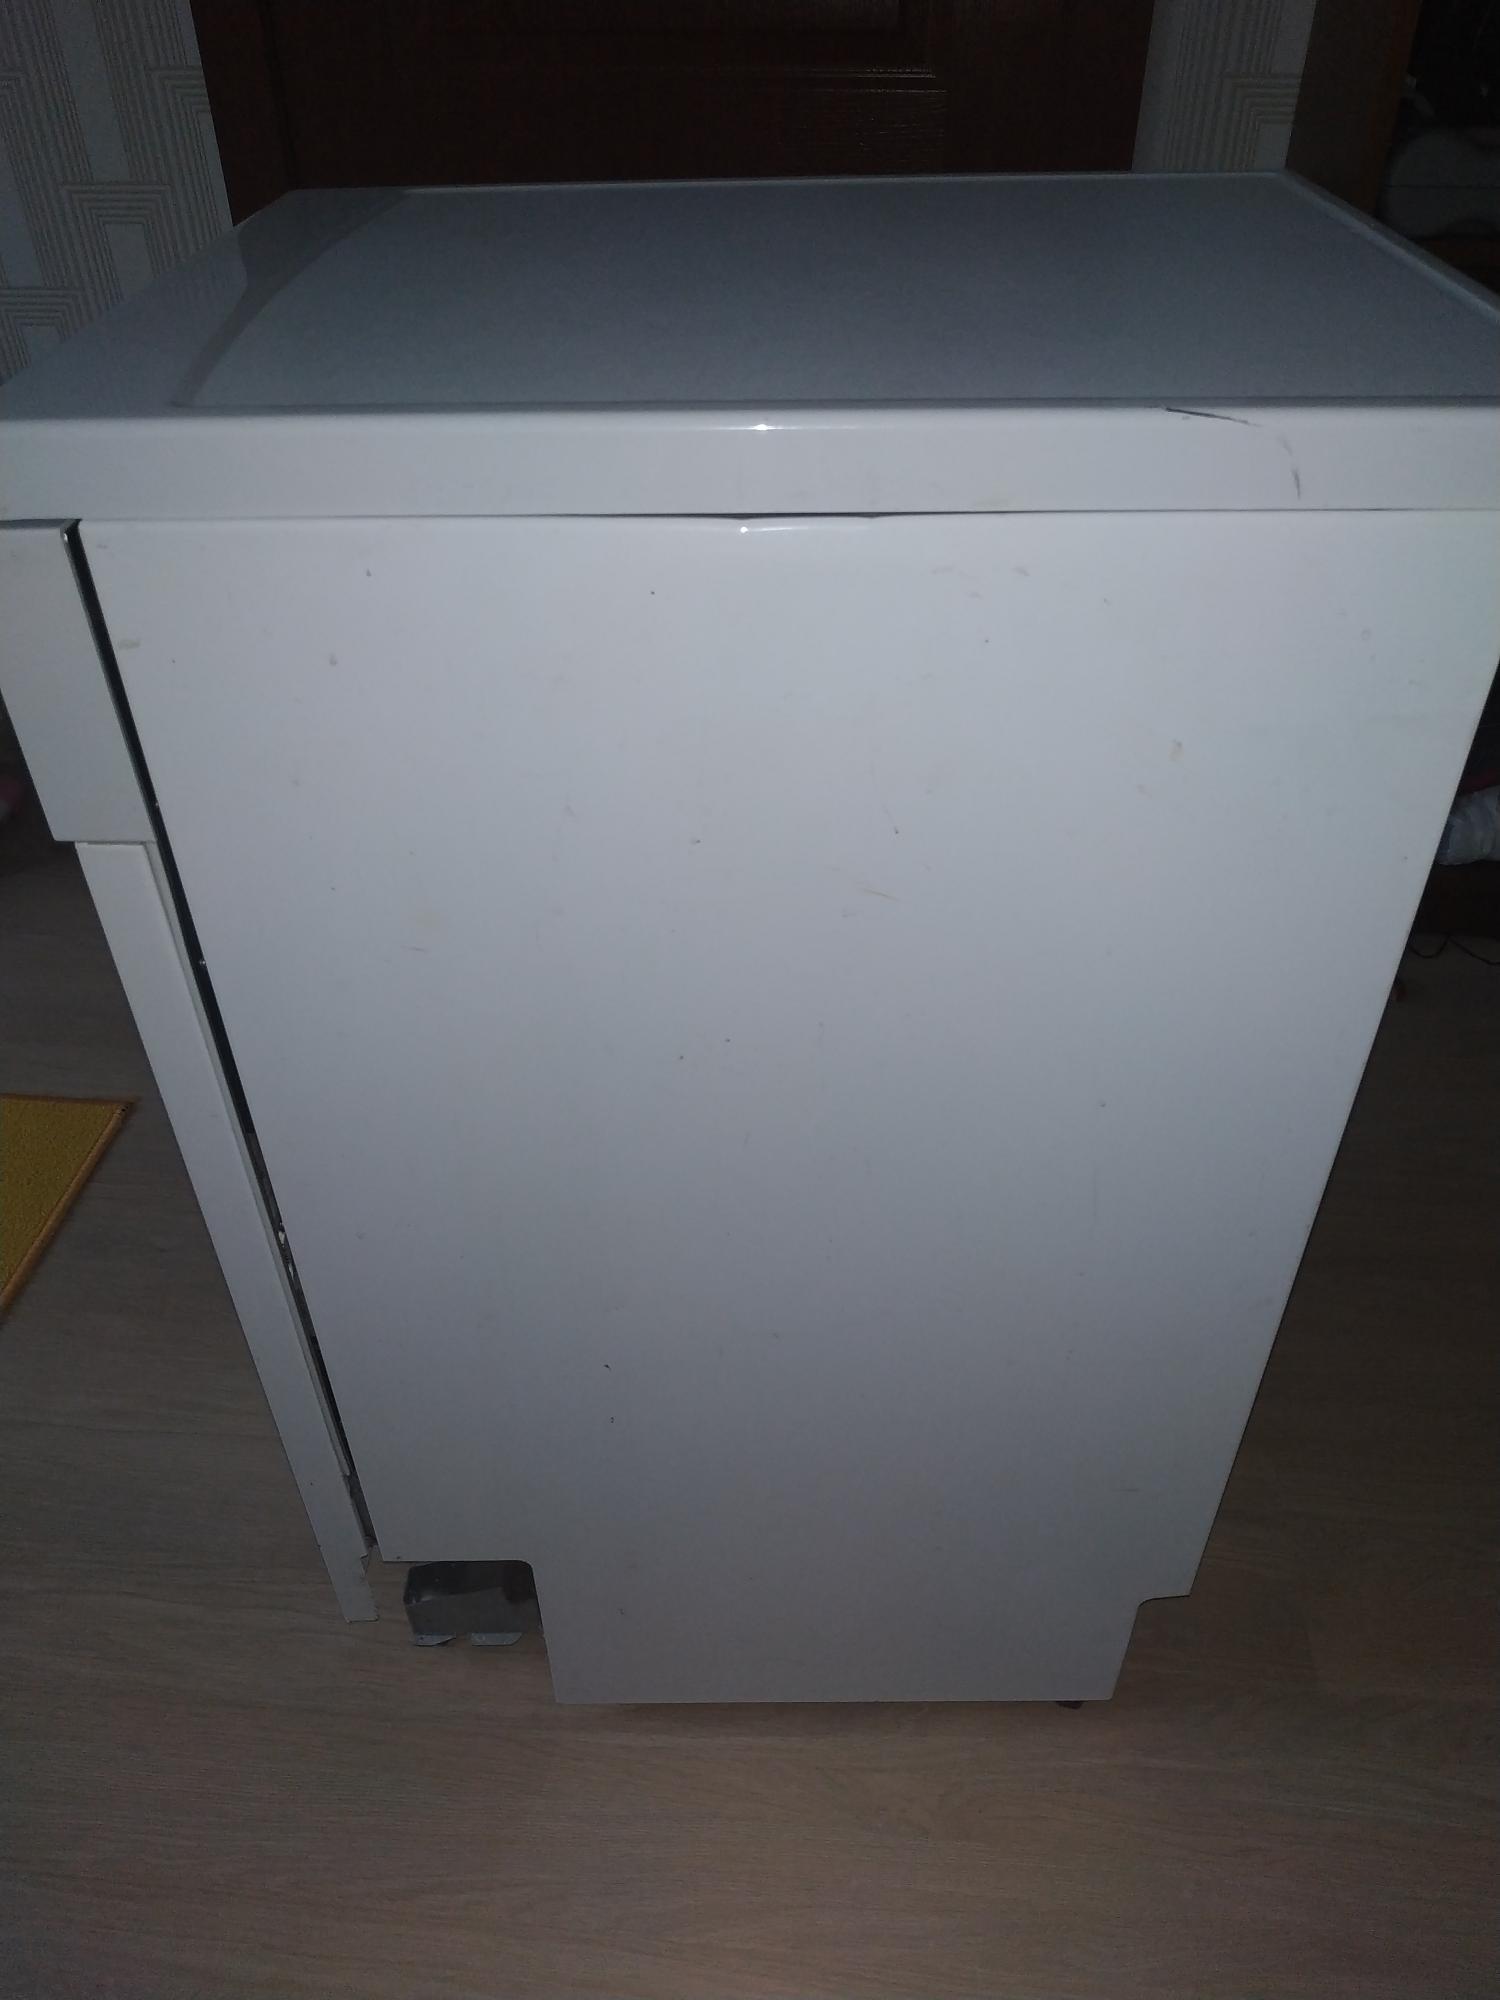 Посудомоечная машина Whirpool в Домодедово 89772754147 купить 8